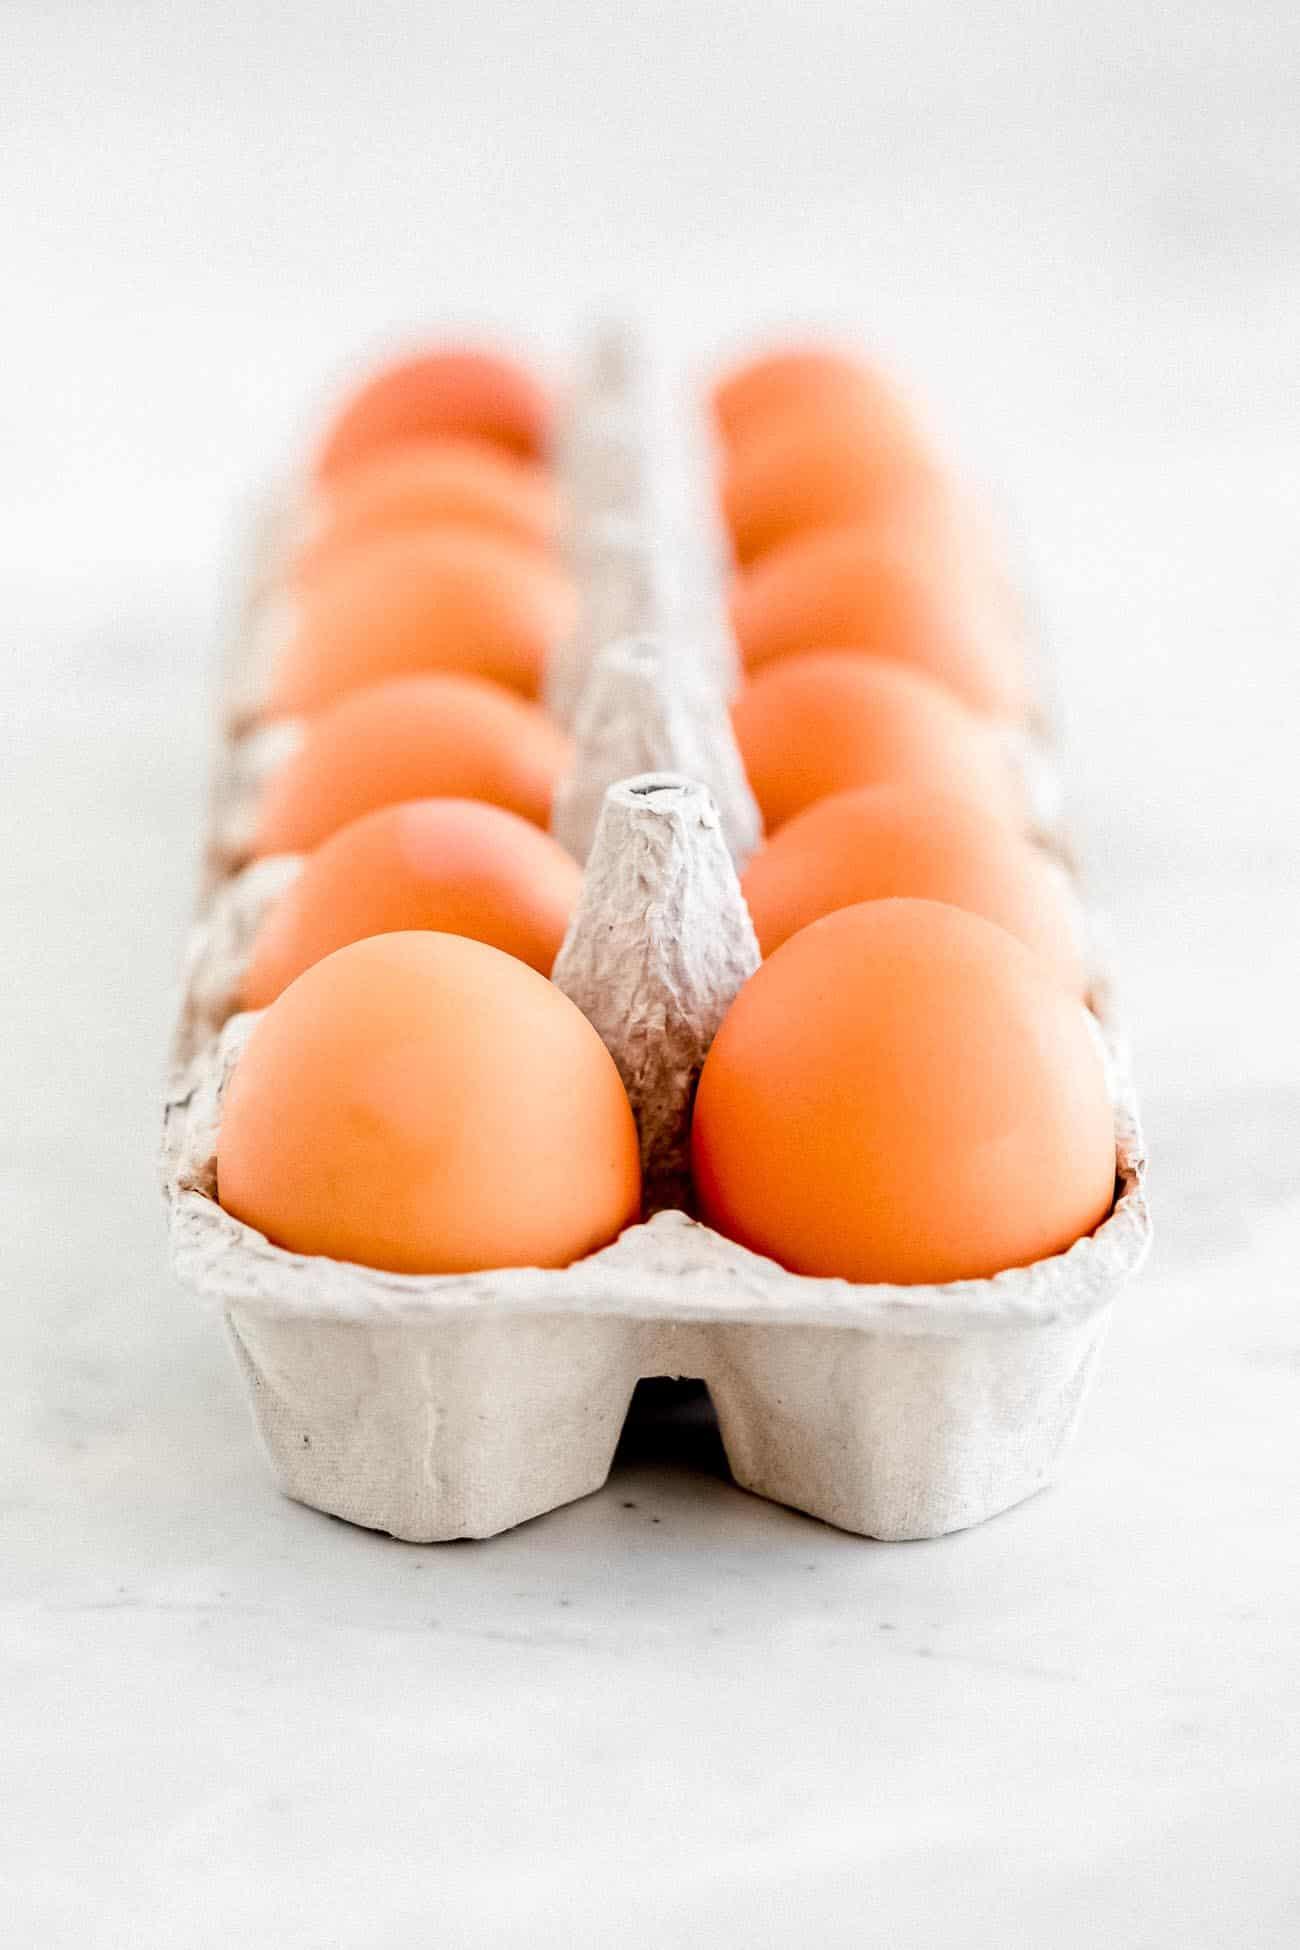 Eggs in a carton.